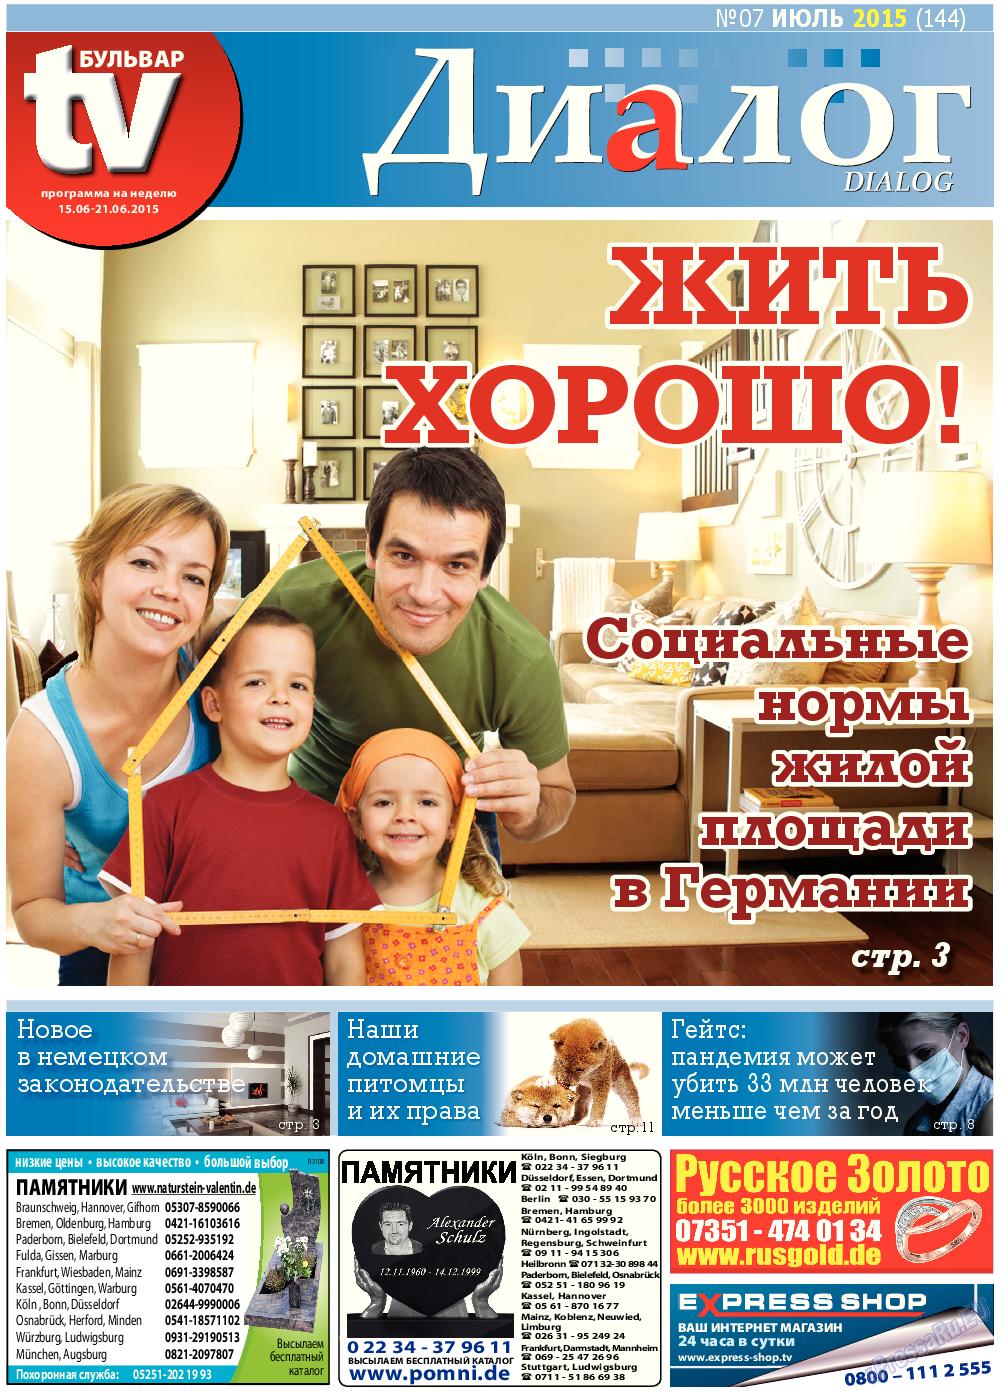 Диалог (газета). 2015 год, номер 7, стр. 1